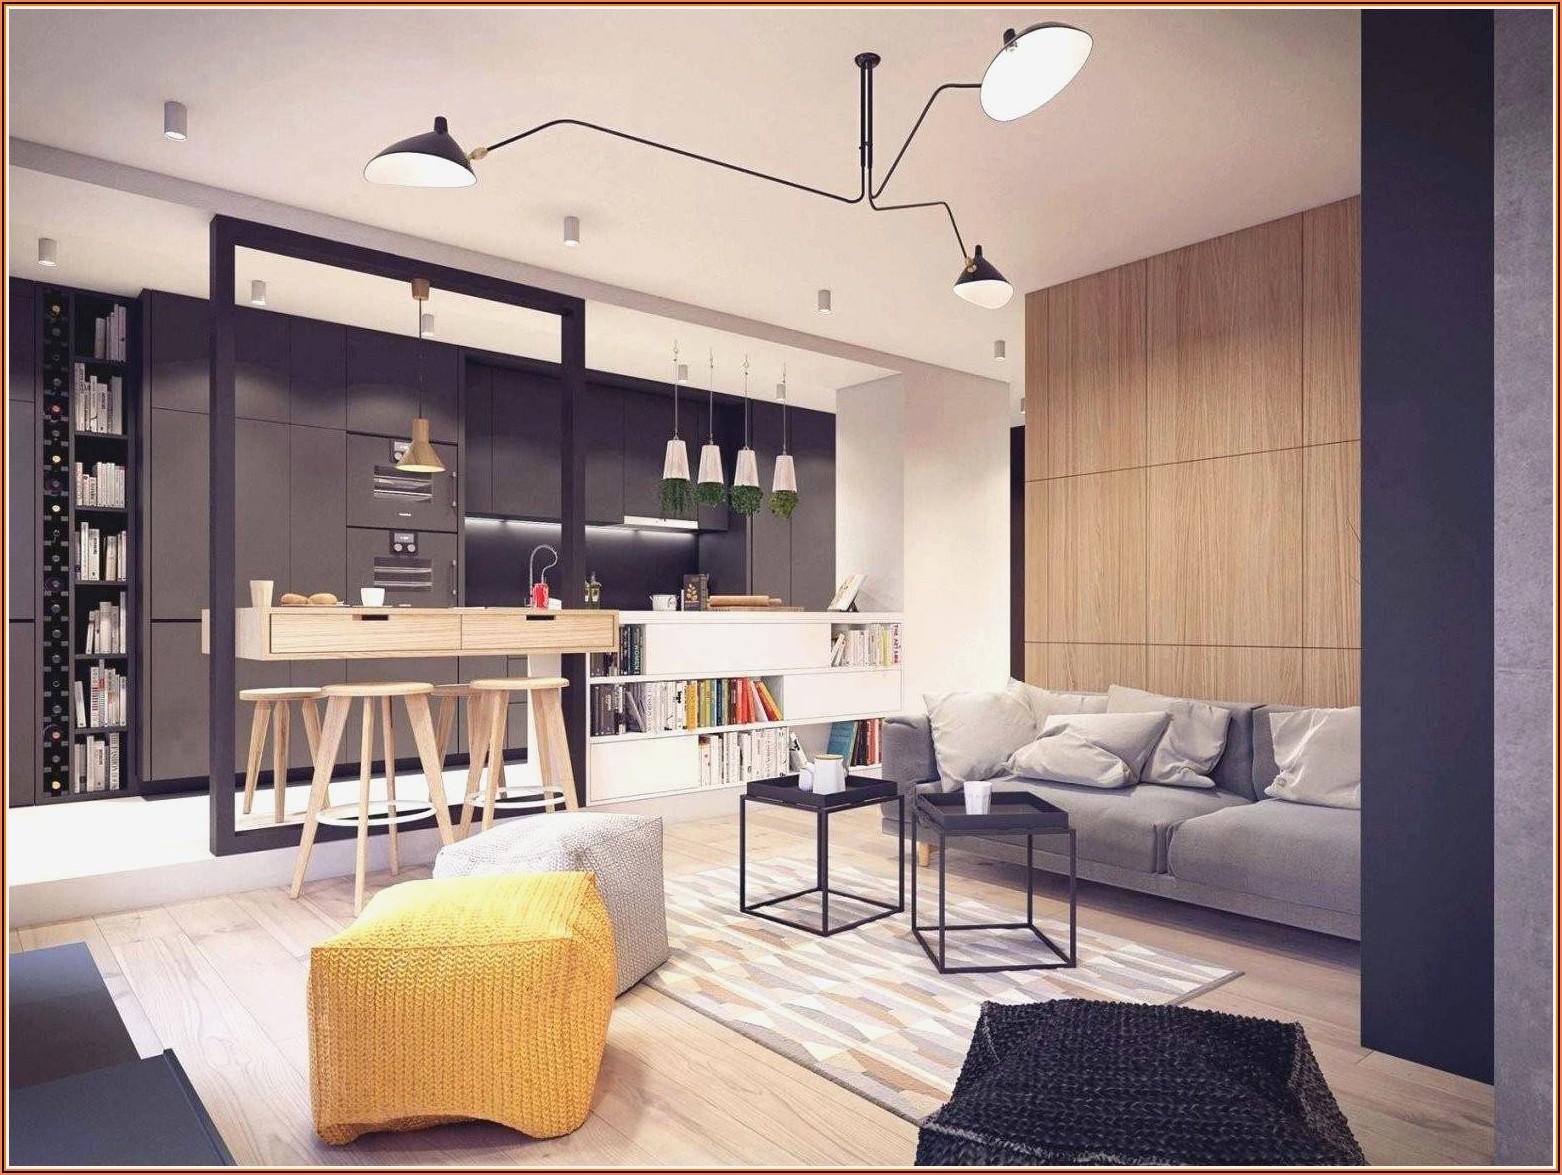 Wohnzimmer In Grau Weiss Bilder